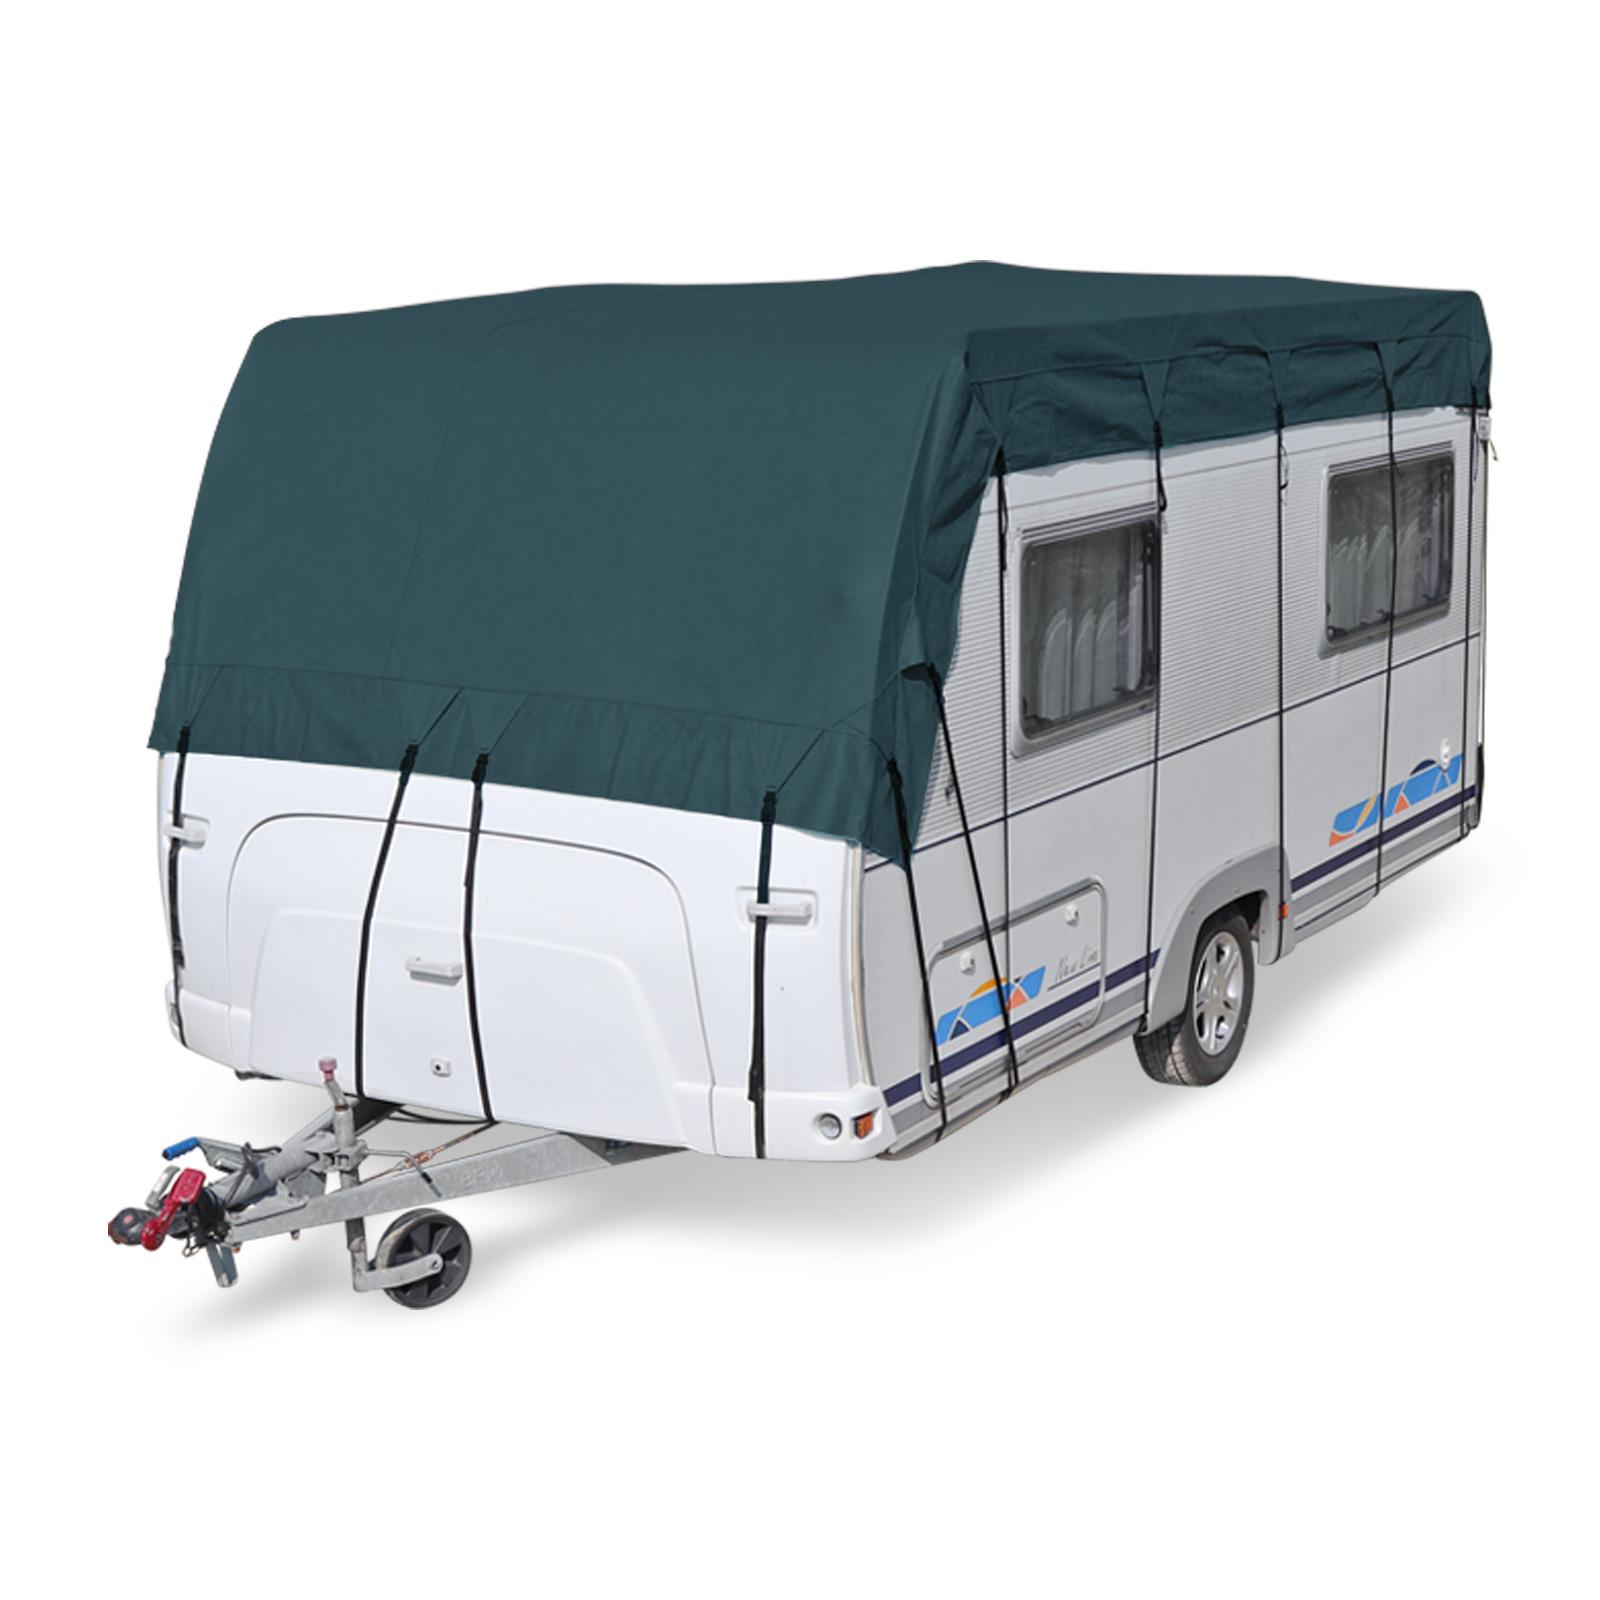 Wohnwagen & Wohnmobil Schutzdach | wintertauglich | viele Größen | Midnight Olive